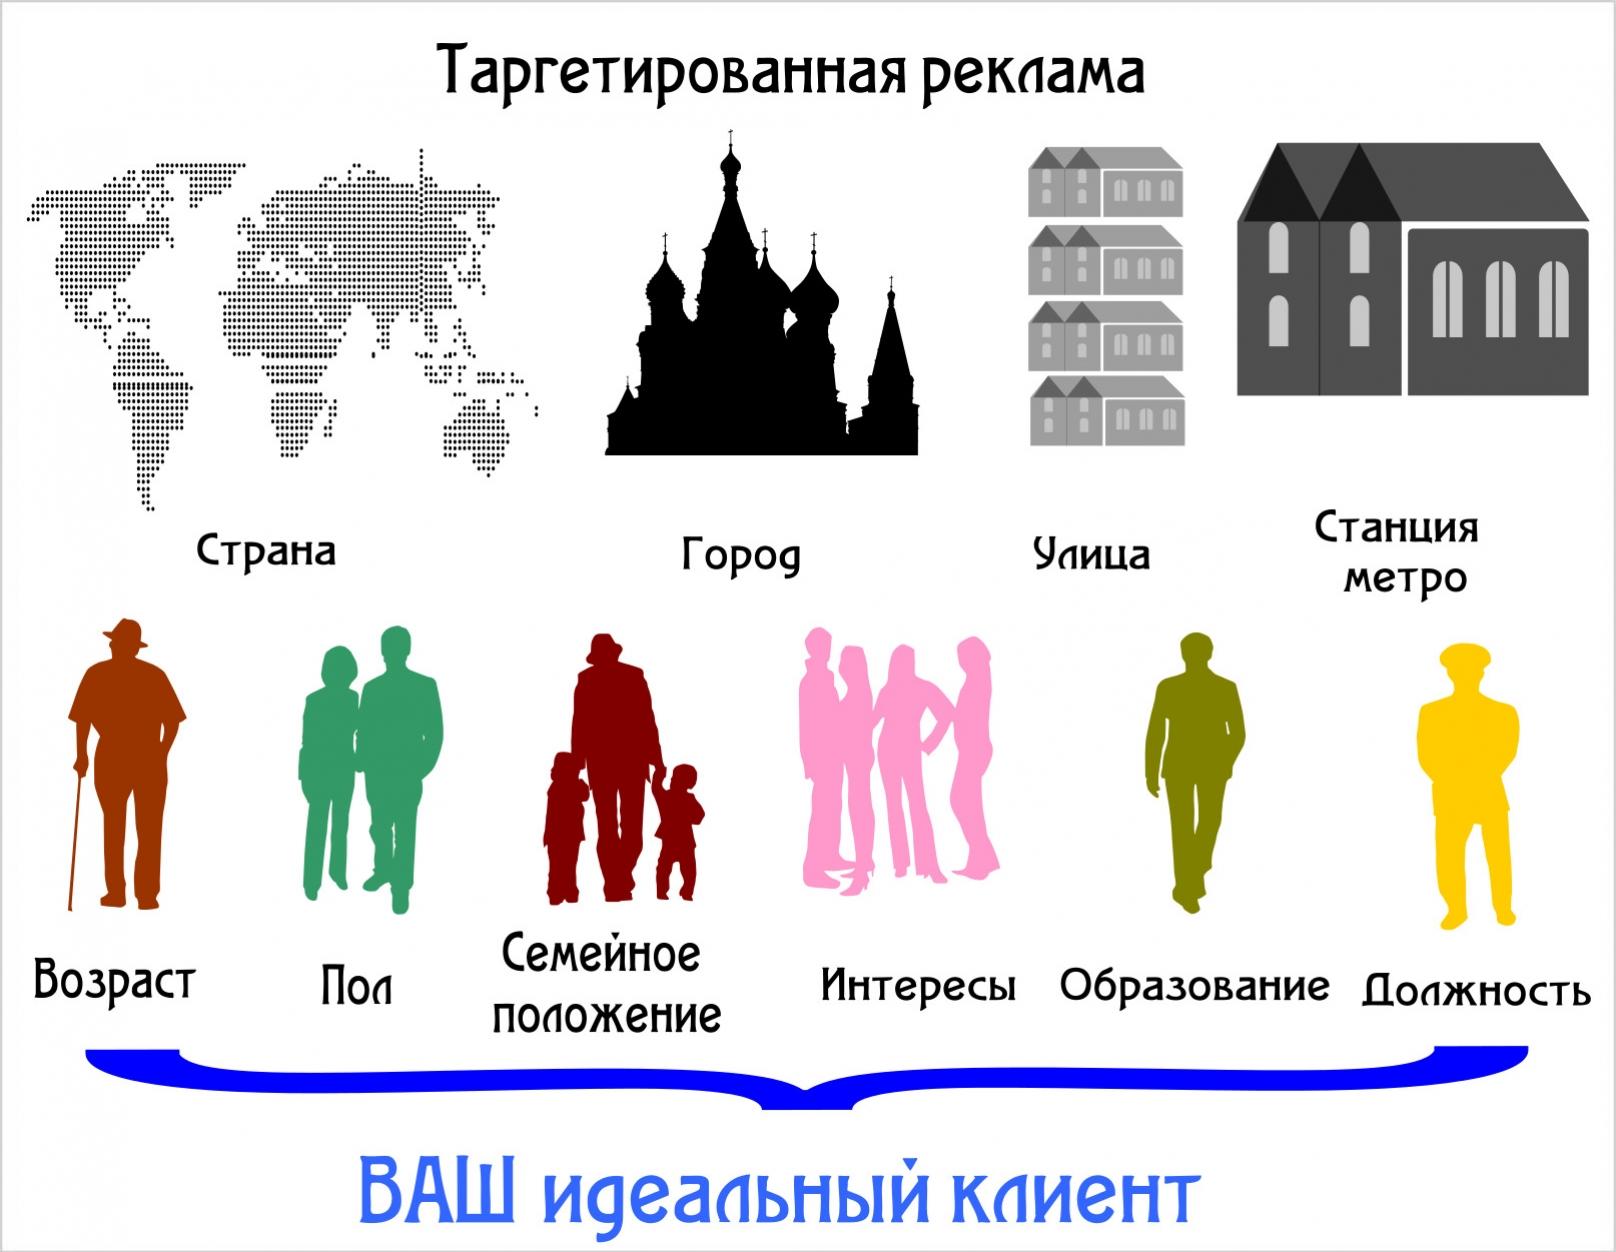 Таргетированная реклама в социальных сетях: вконтакте, инстаграм, facebook